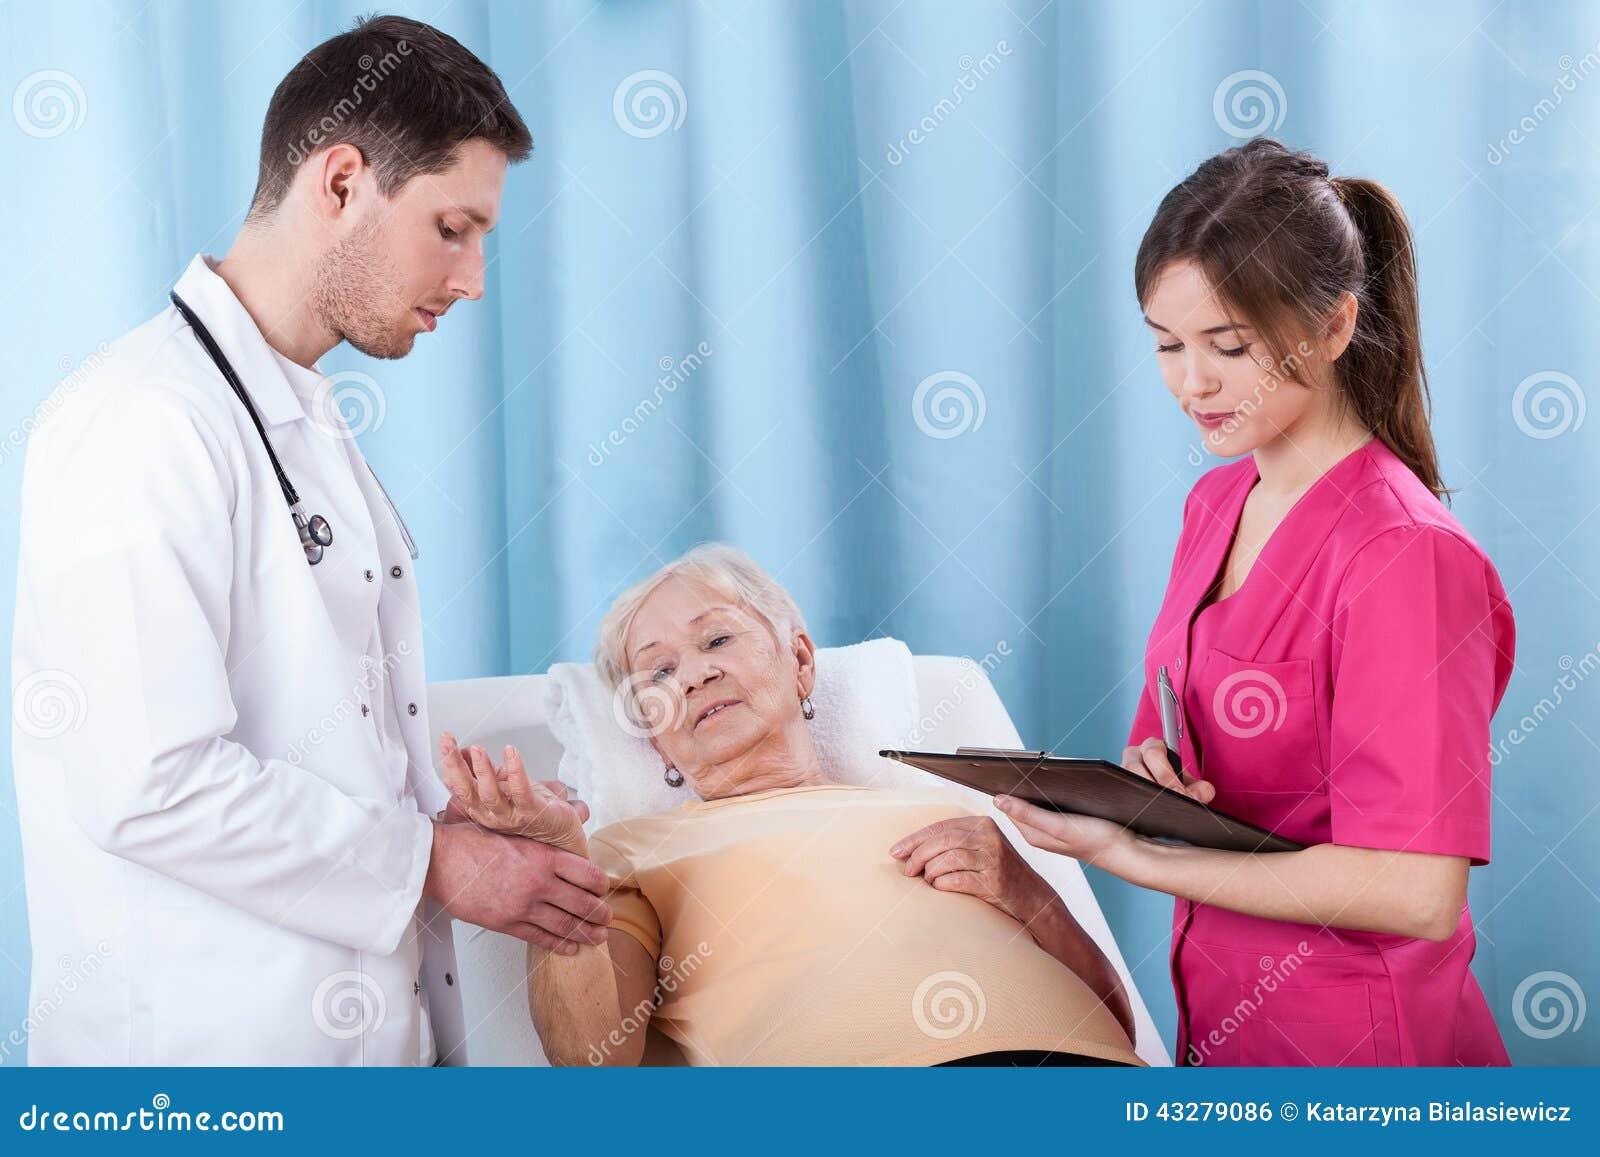 Doktoren, die ältere Frau bestimmen